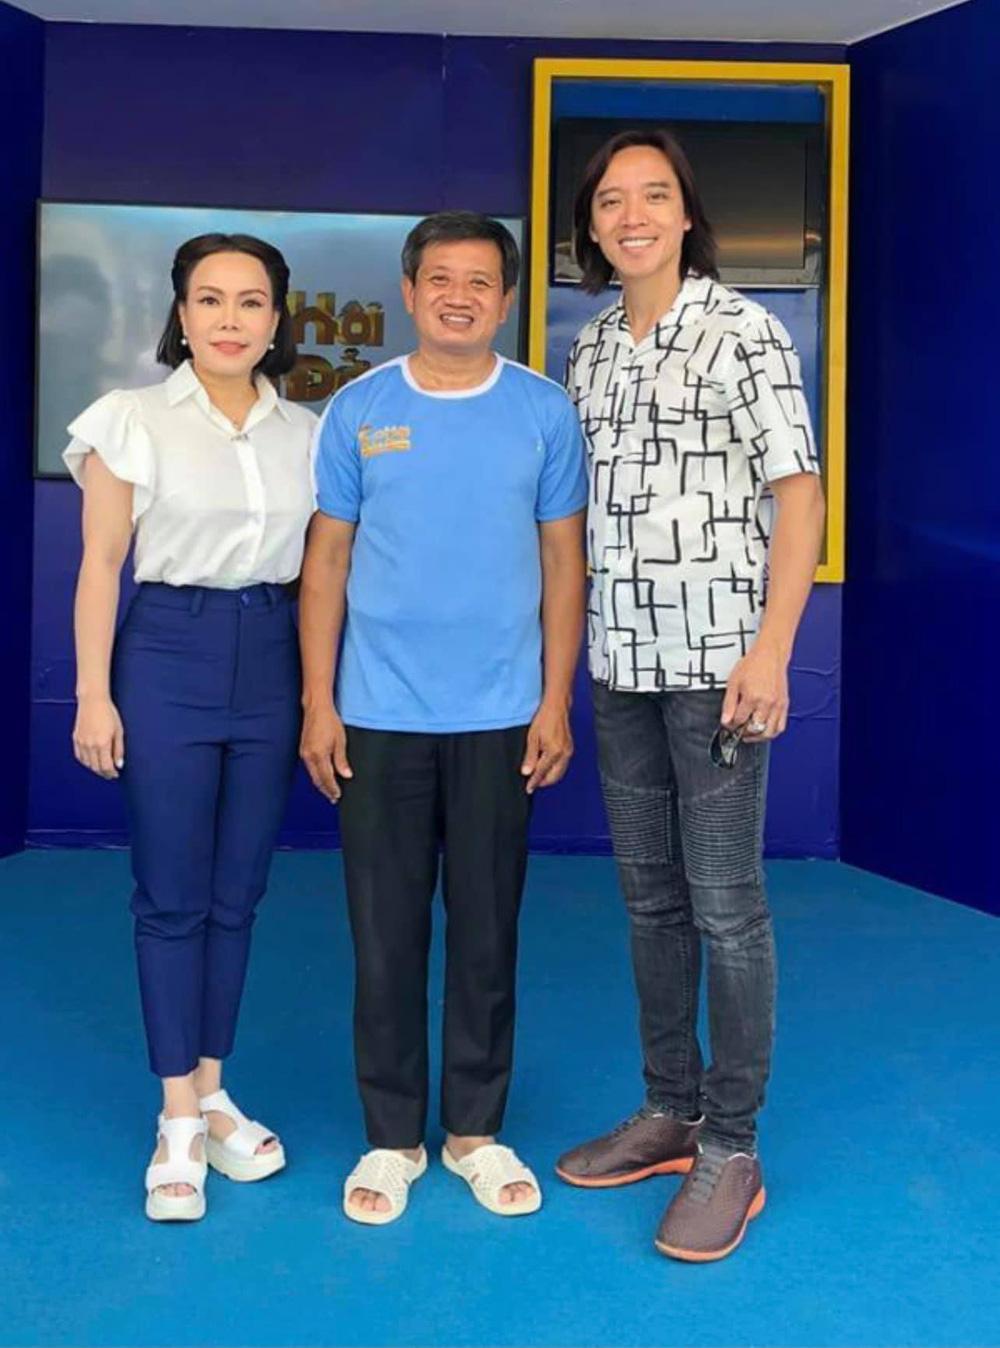 Ông Đoàn Ngọc Hải và nghệ sĩ Việt Hương gặp khó khi làm chương trình miễn phí ở Mèo Vạc: Tôi phải vào cuộc... - Ảnh 1.